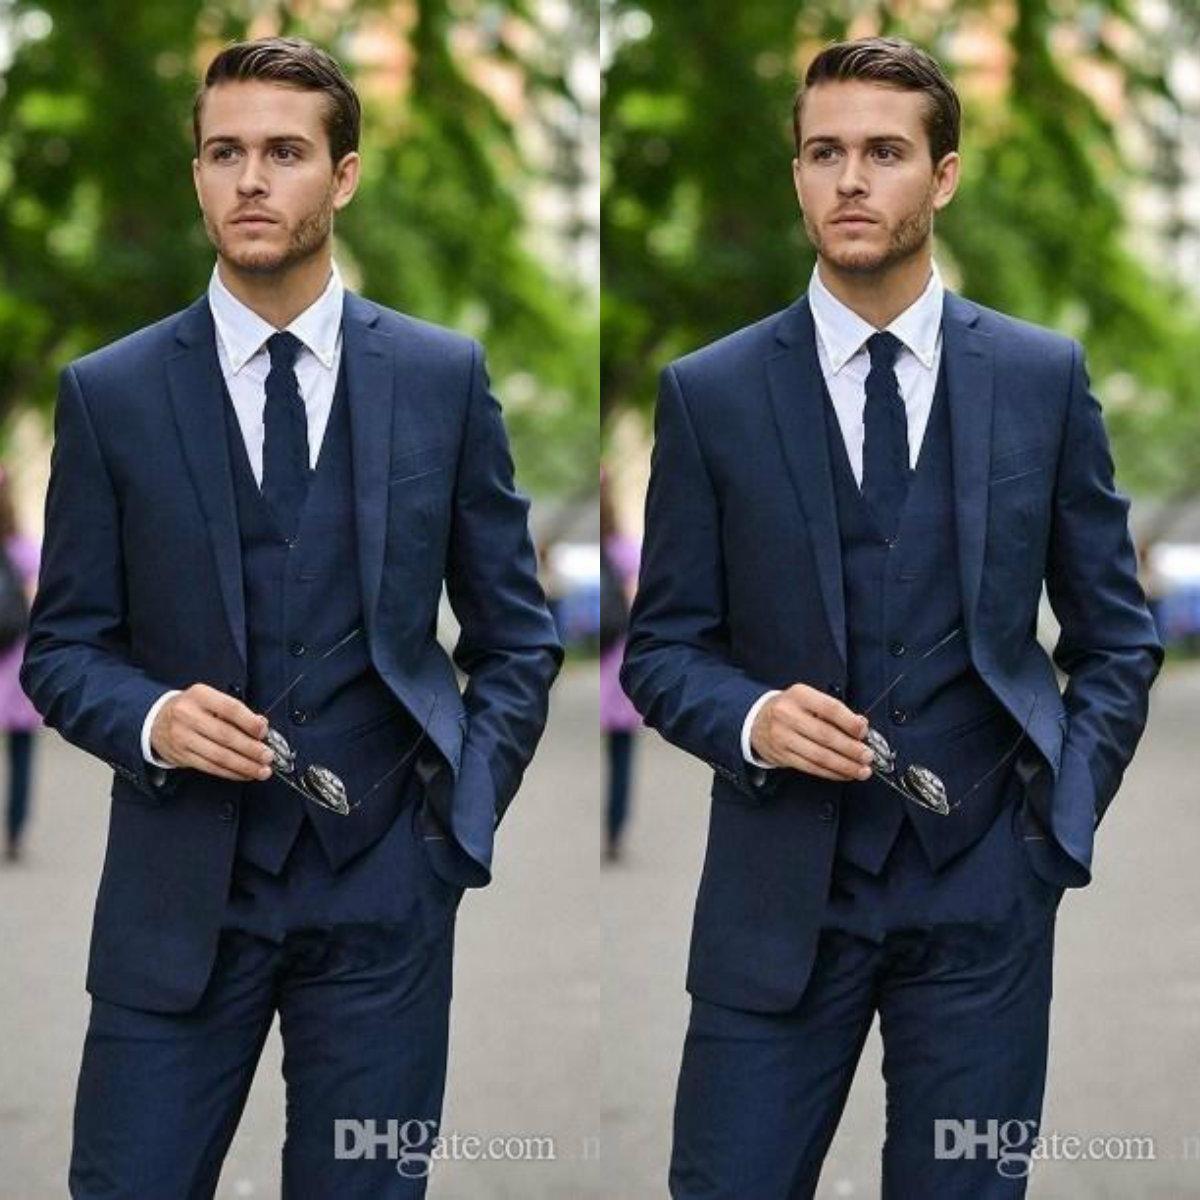 Bleu marine pour hommes Costumes smokings marié Notch Lapel Hommes Costumes de mariage Blazer Custom Made 3 Pieces Costume (veste + pantalon + veste + cravate)